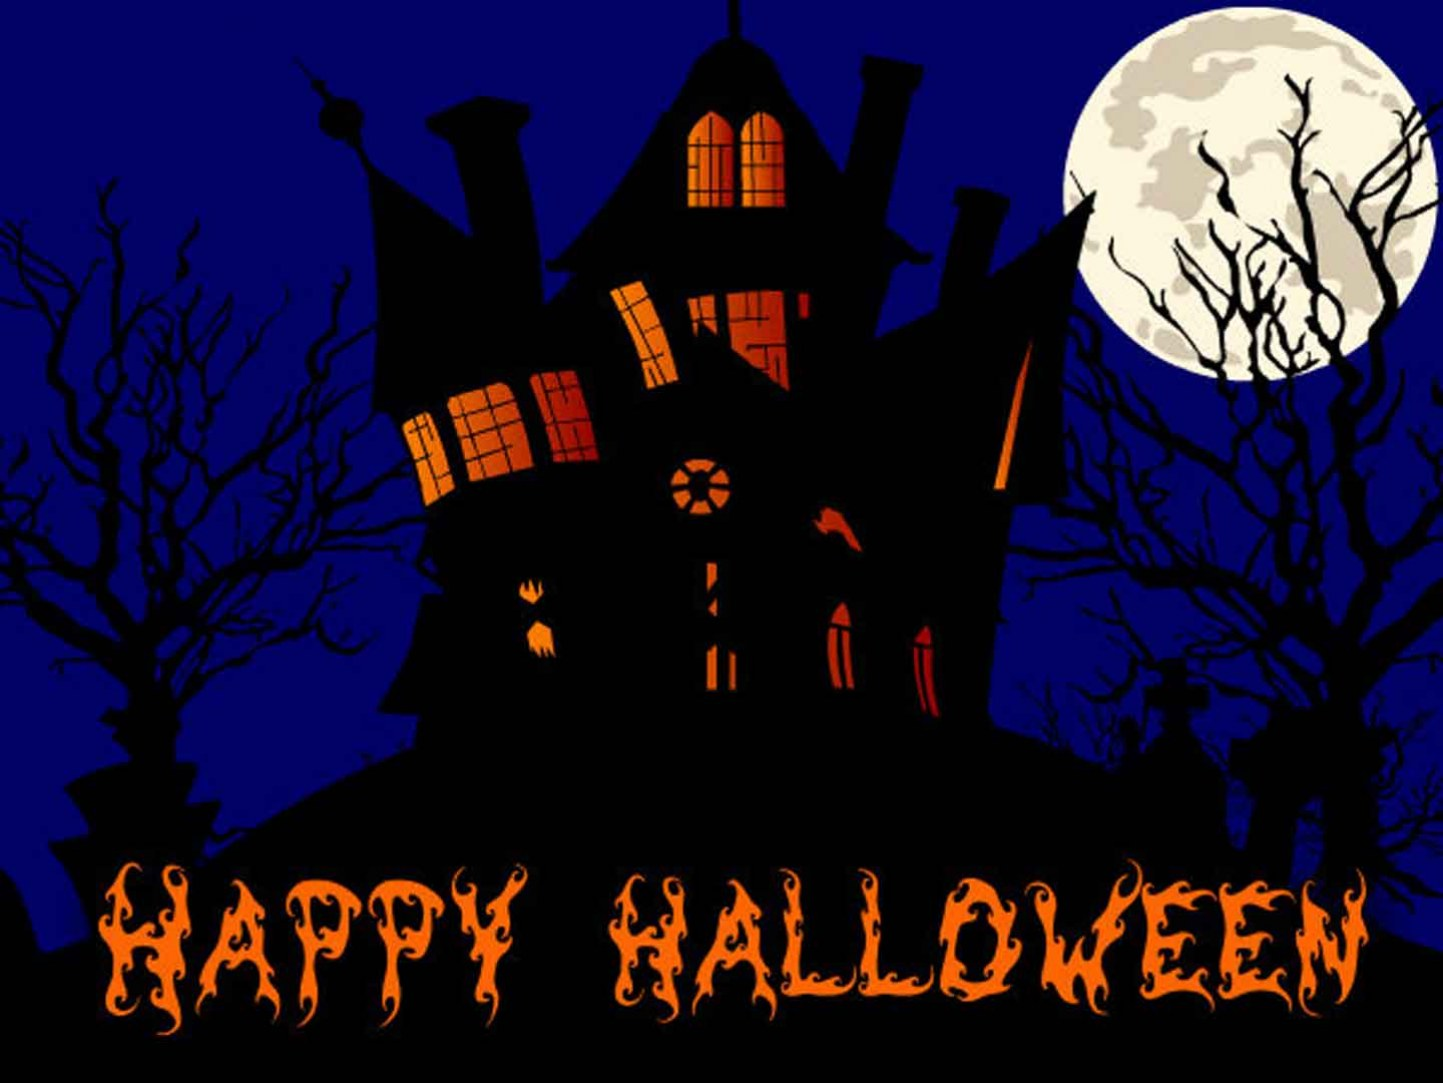 Amazing Wallpaper Mac Halloween - happy-halloween-mac-k6hmr  Pictures_432522.jpg